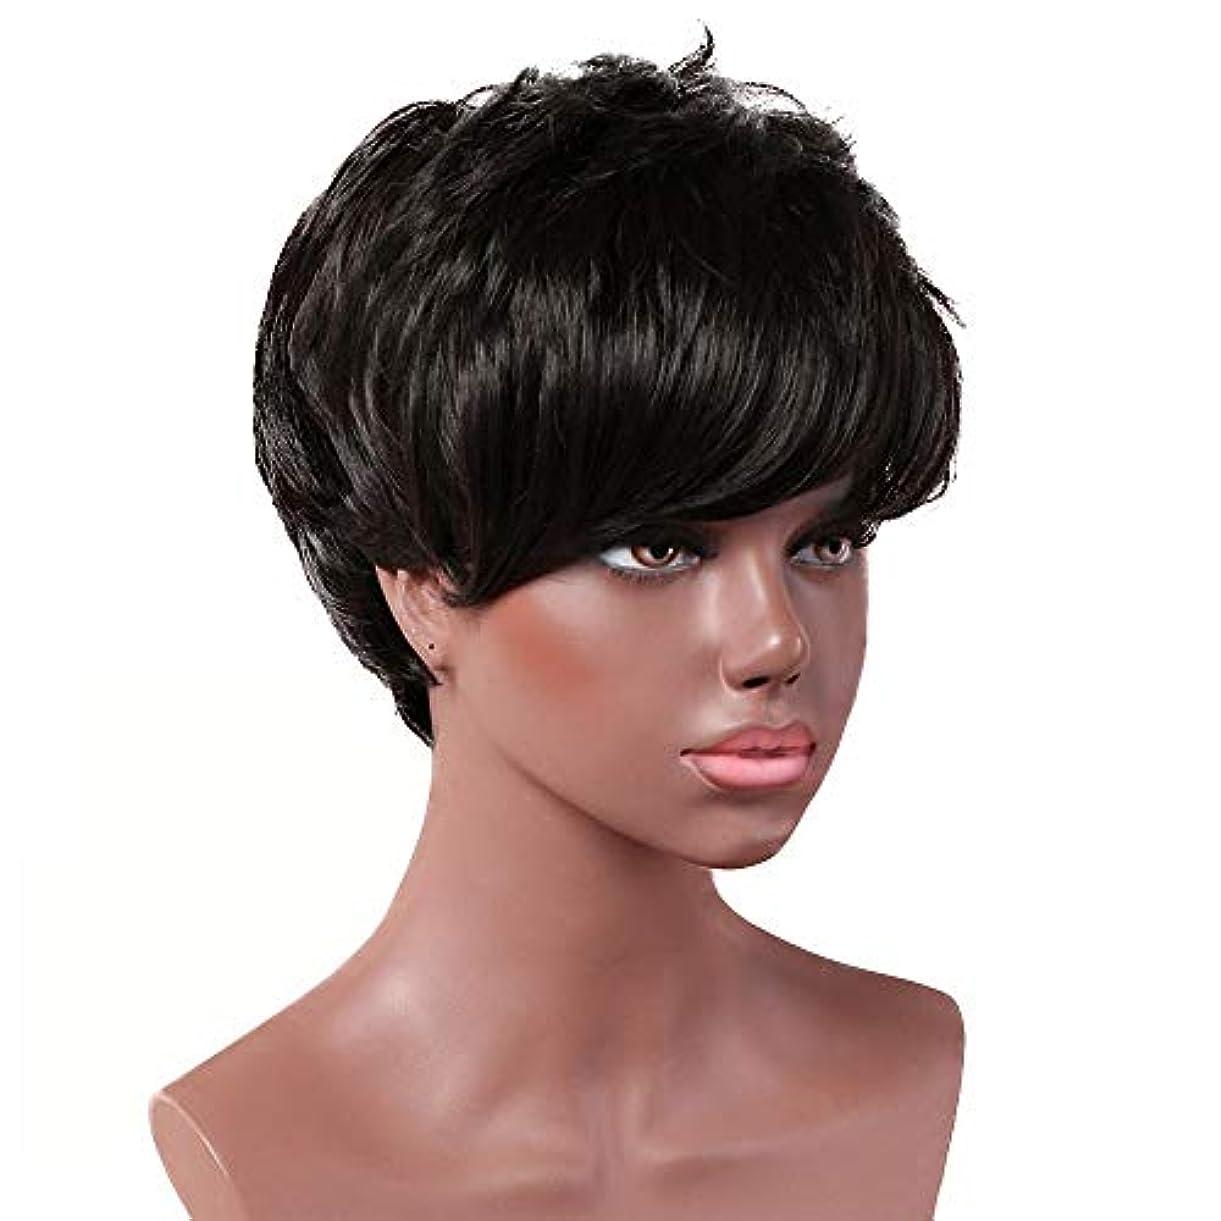 頬骨記念品パプアニューギニア女性用黒ショートカーリーウィッグ自然髪ウィッグ前髪付き合成フルヘアウィッグ女性と女の子用ハロウィンコスプレパーティーウィッグ